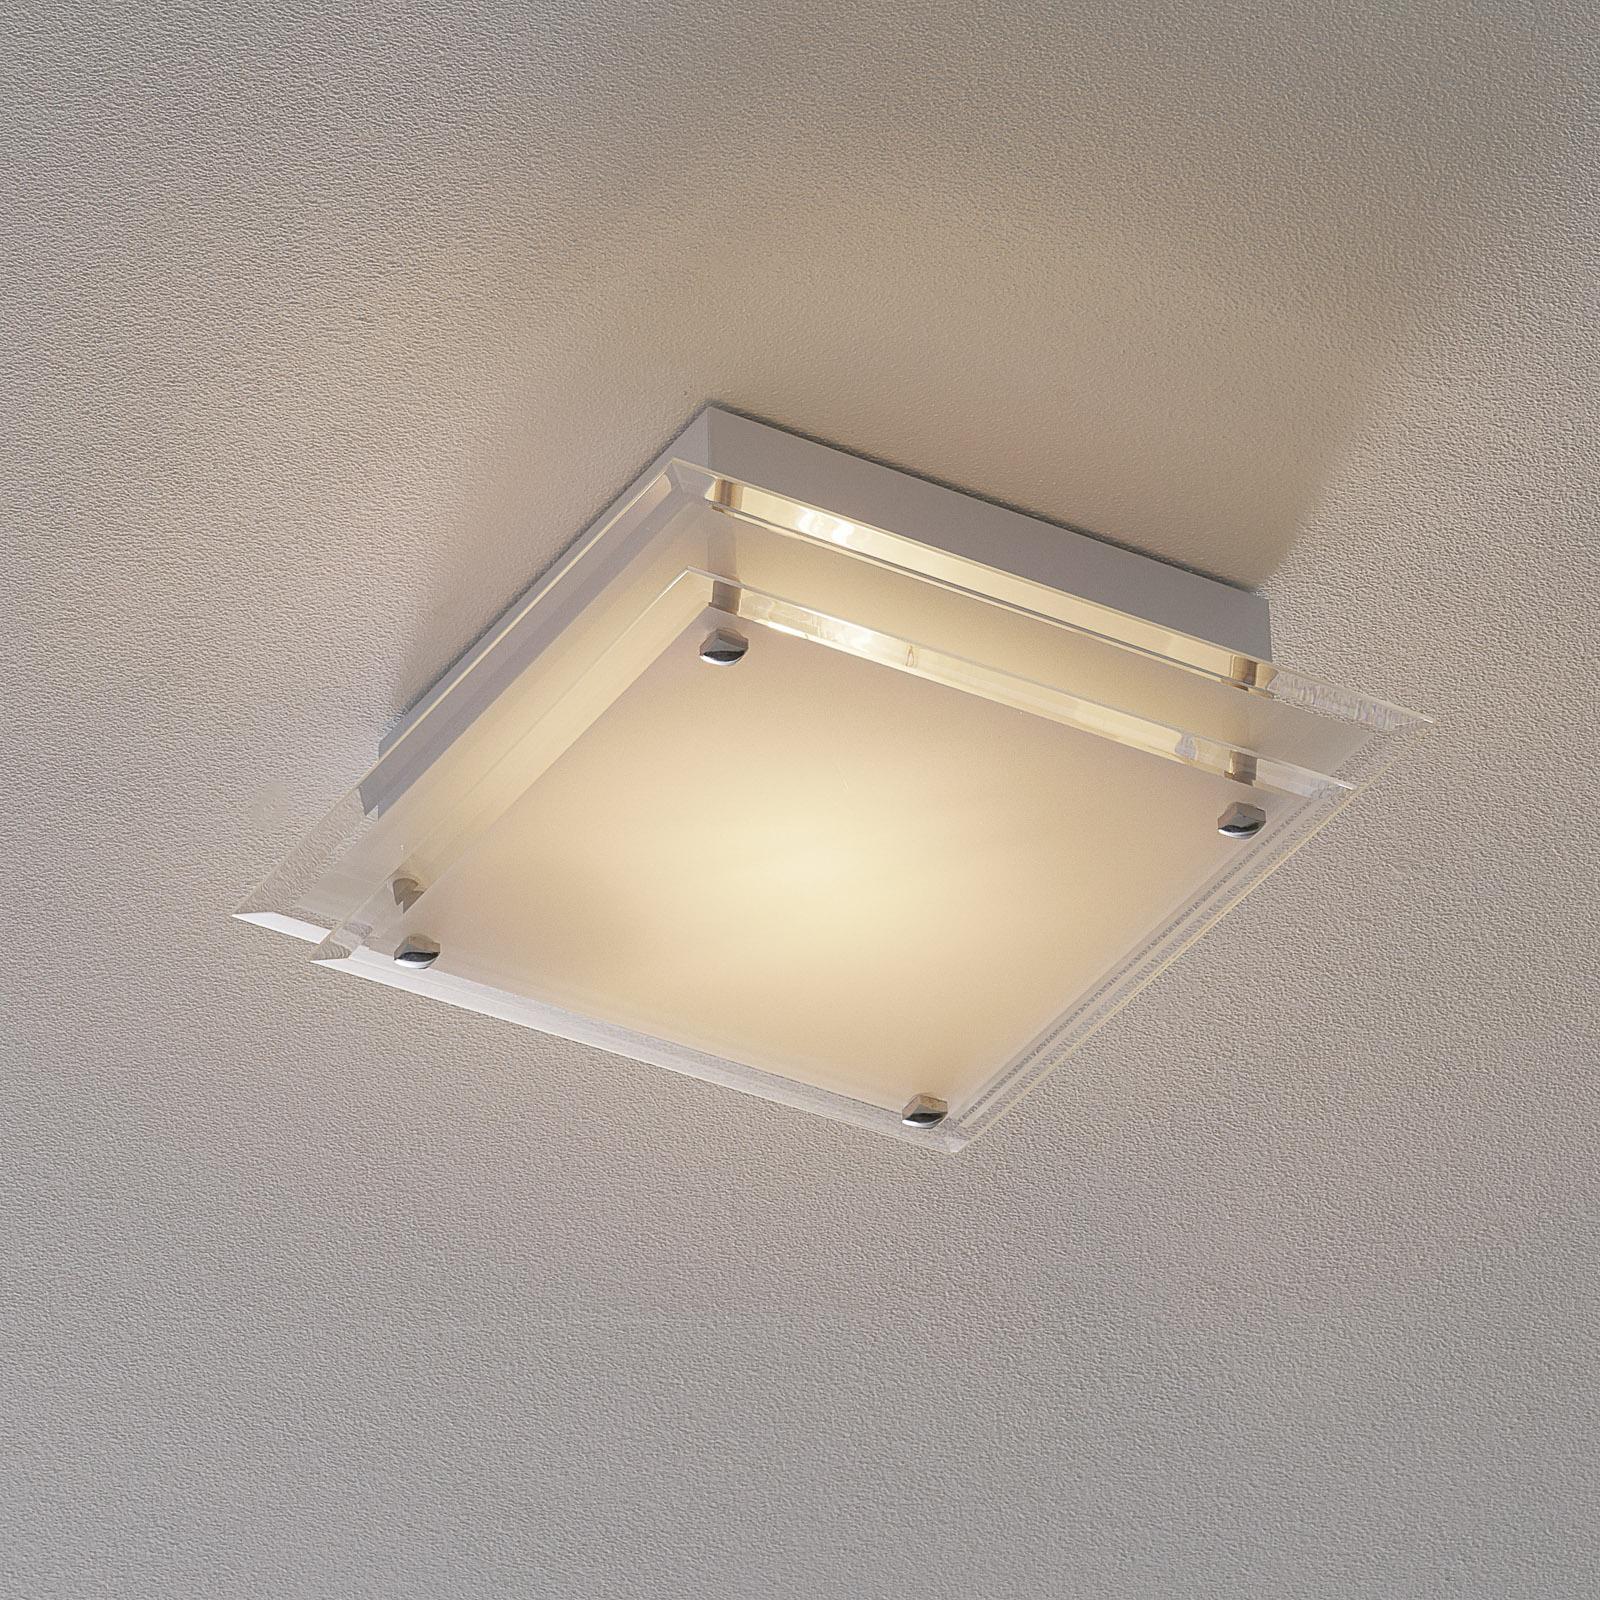 Maggie Ceiling Light Elegant Glass_3502015_1